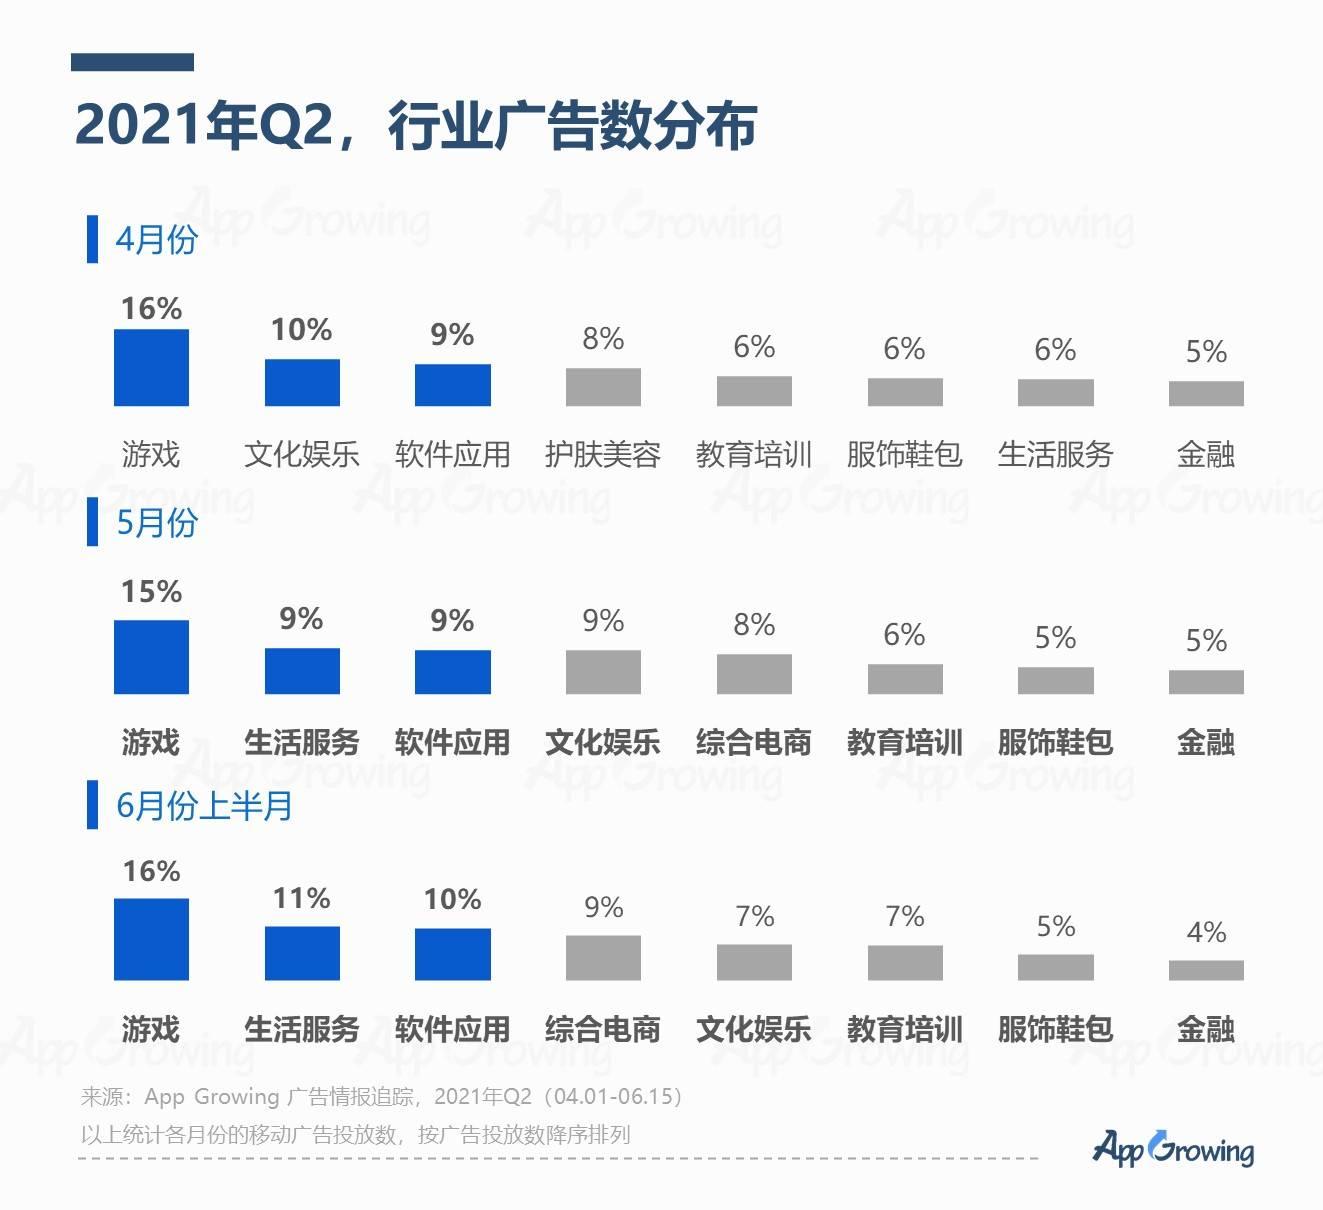 2021年Q2流量平台广告投放洞察:三国、战争、仙侠品类买量竞争激烈